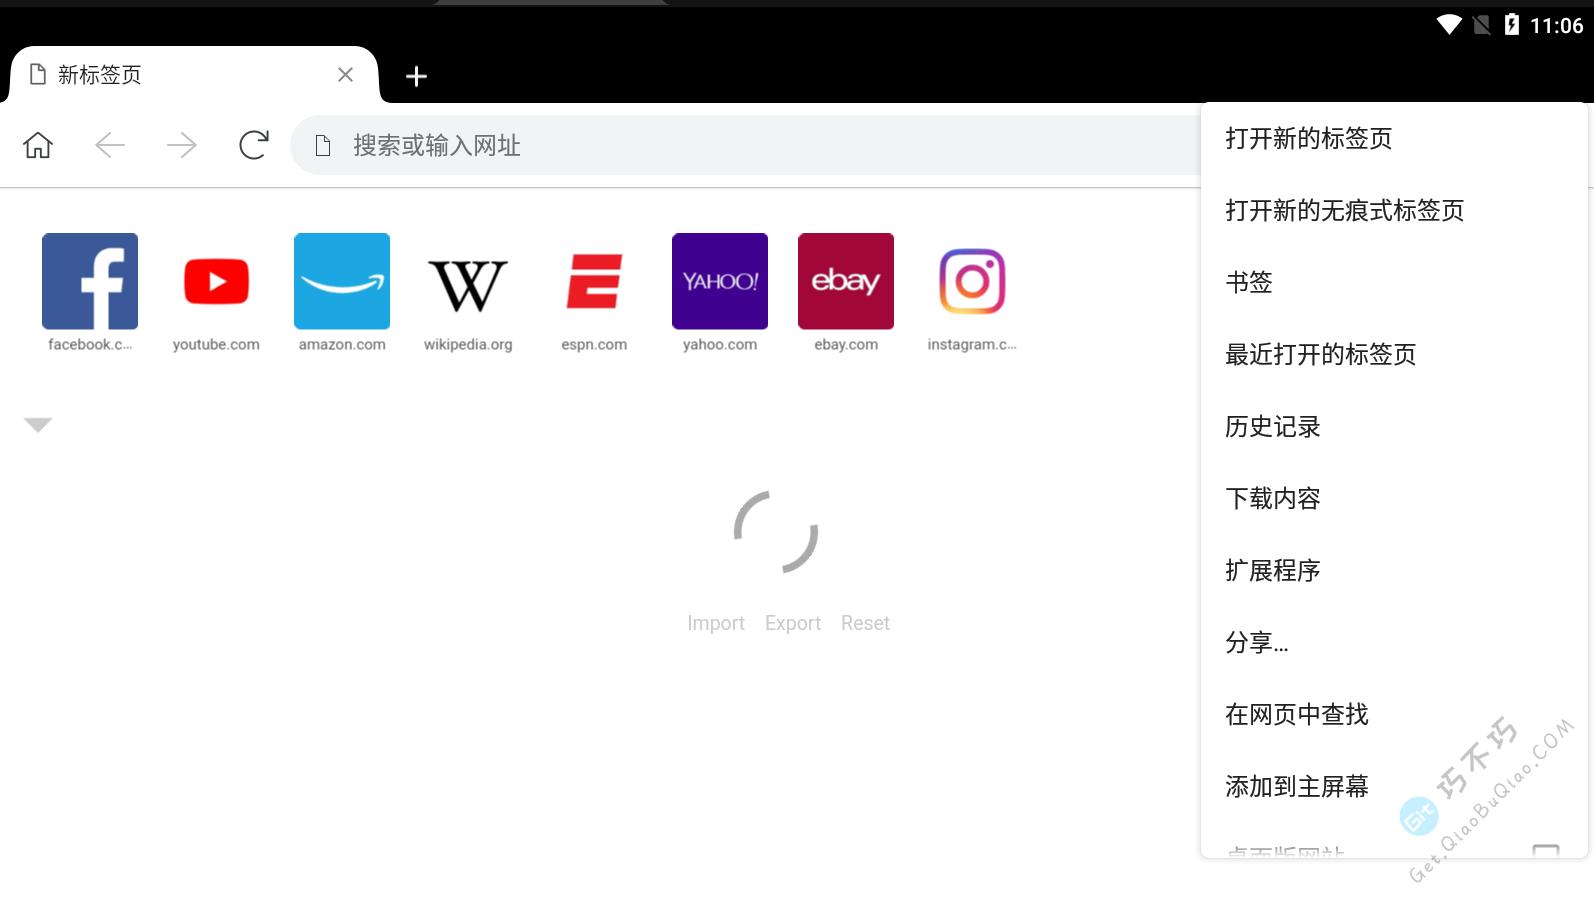 把强大的chrome浏览器安装到手机上,并支持电脑版的各种扩展CRX插件